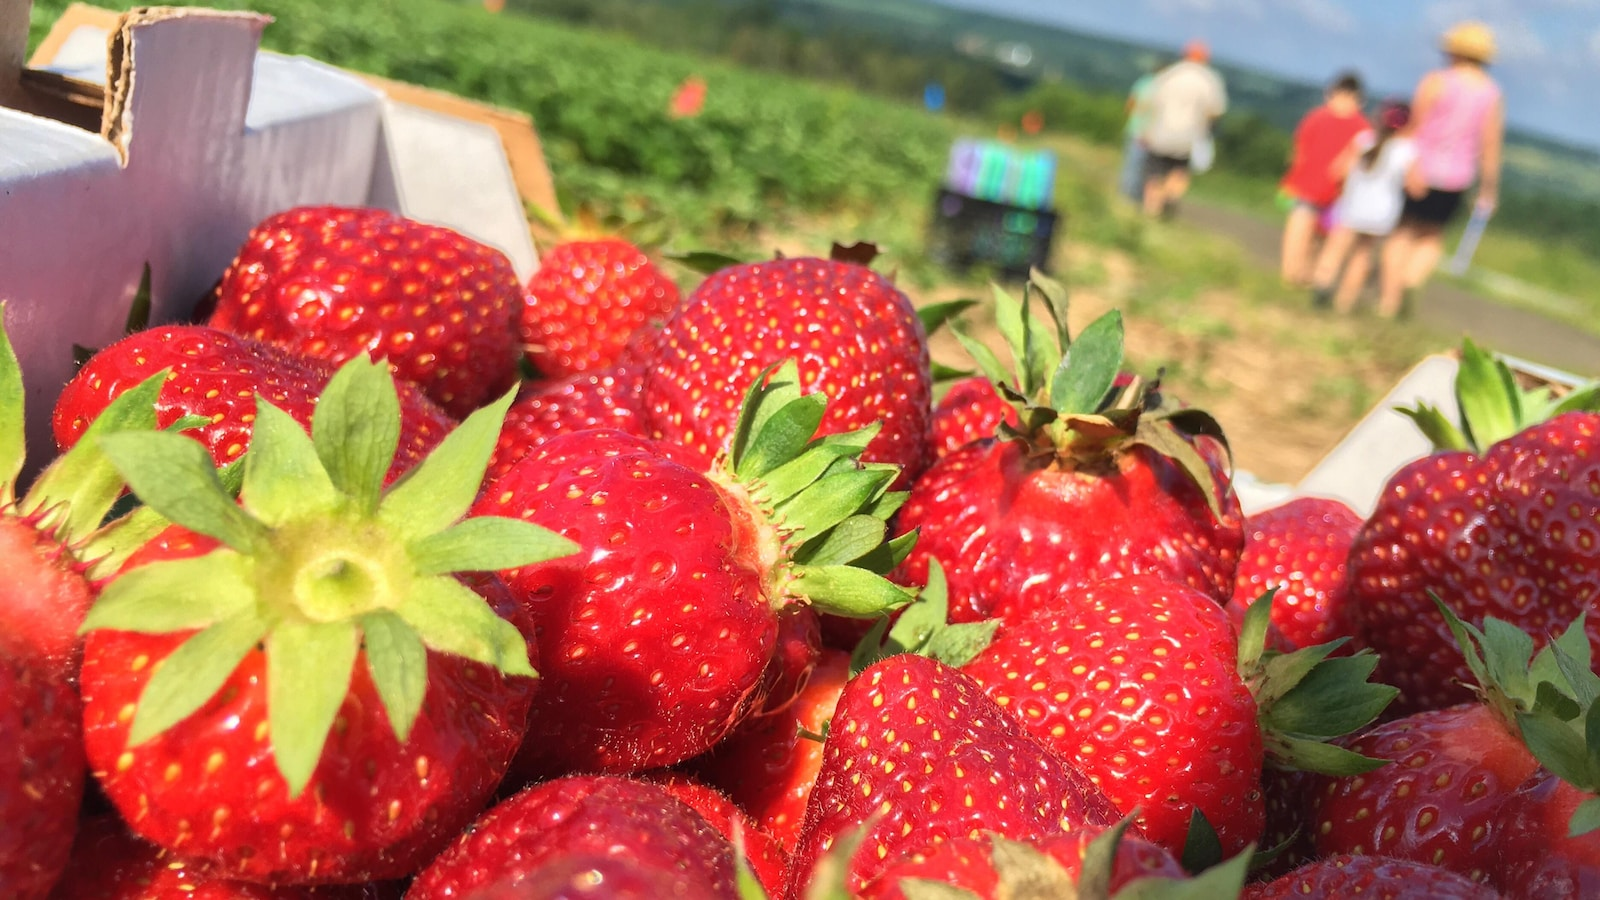 Un casseau rempli de fraises est placé en premier plan